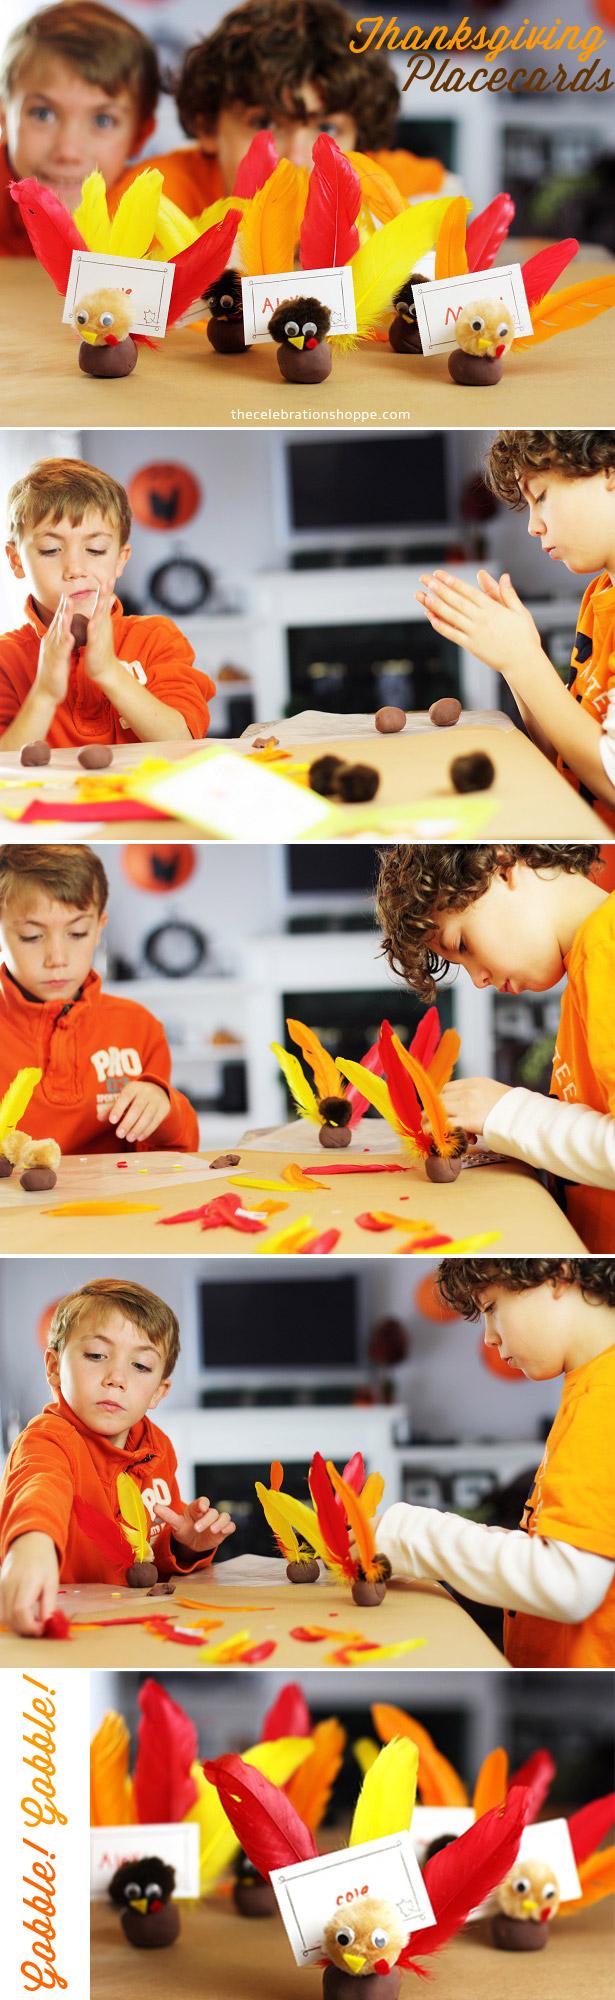 Thanksgiving kid craft